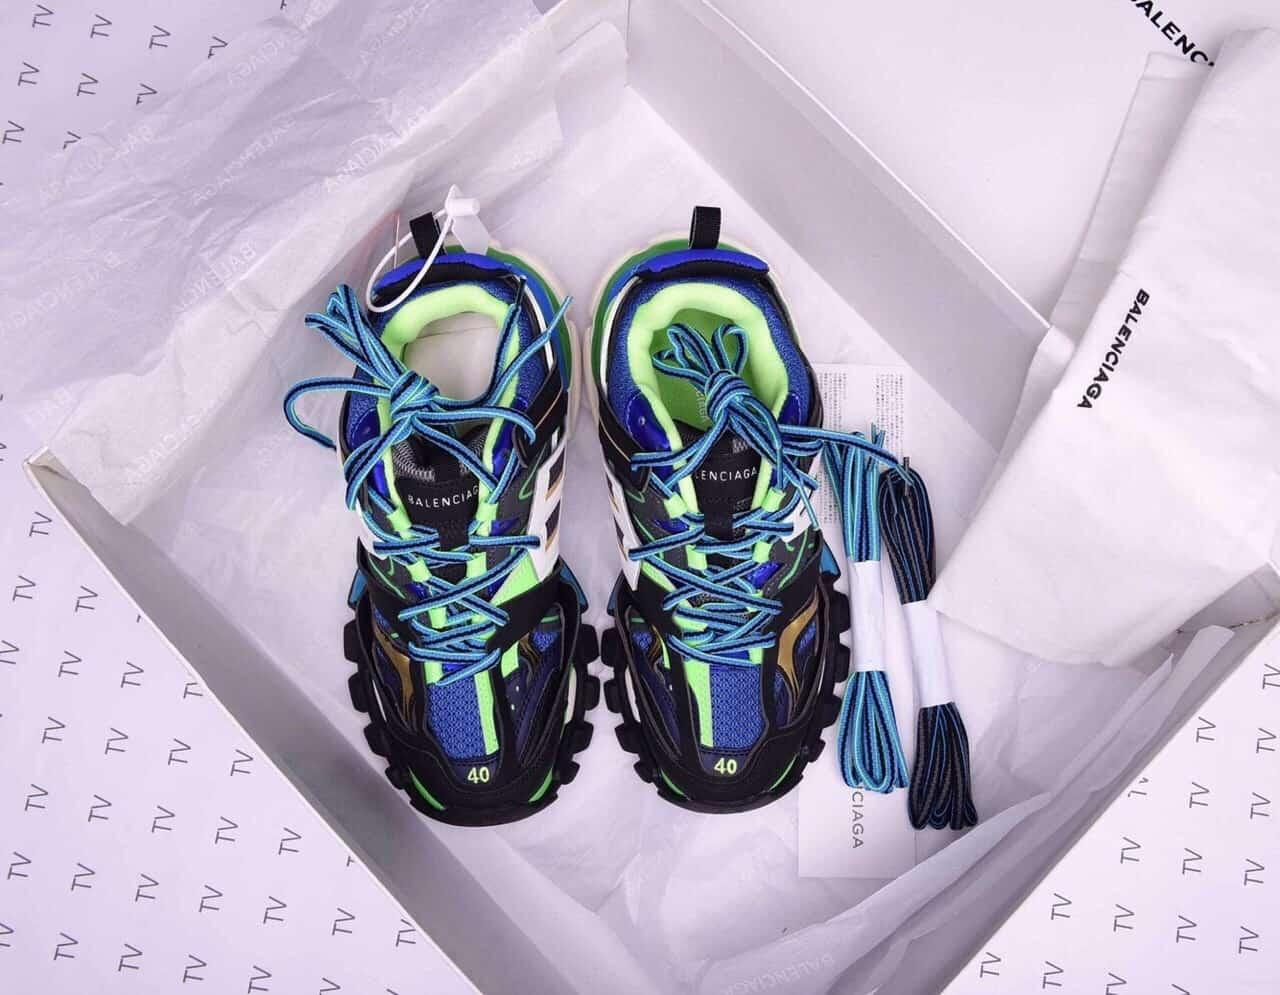 Giày thể thao Balenciaga Track Xanh Đen mang đến phong cách độc đáo, chất chơi